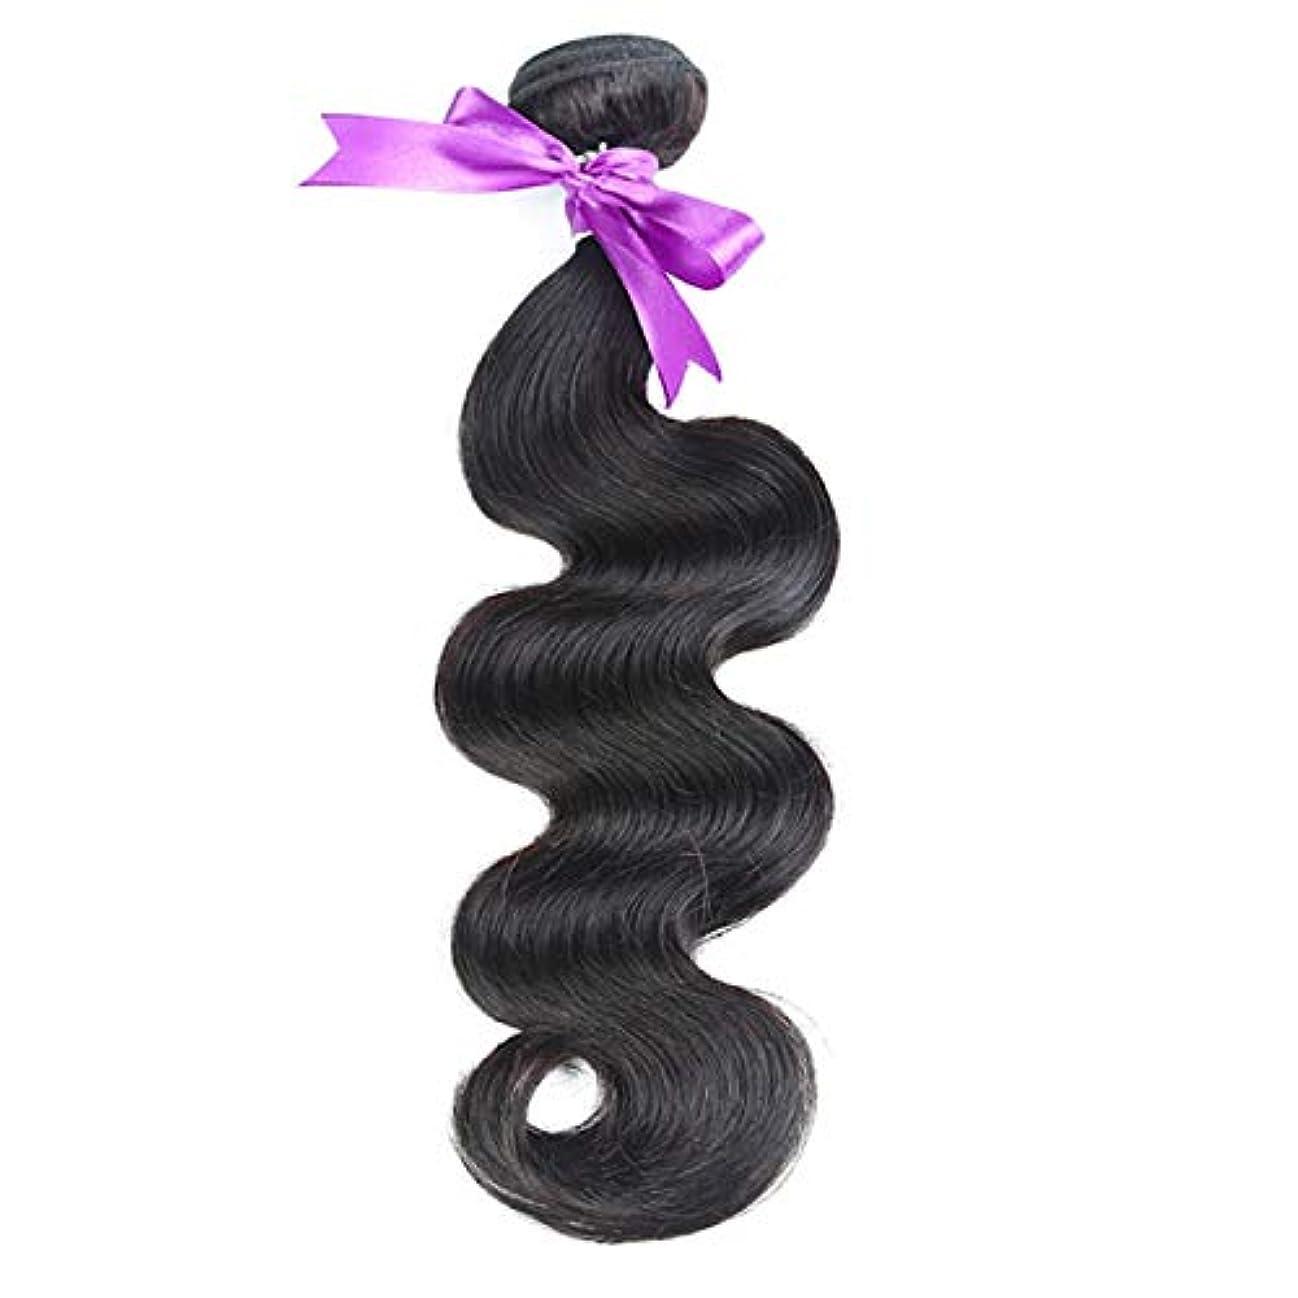 入口インキュバスチップペルーの髪織り実体波髪バンドル100%人間の髪織りナチュラルカラー非レミー髪8-30インチ1ピース (Stretched Length : 8inches)